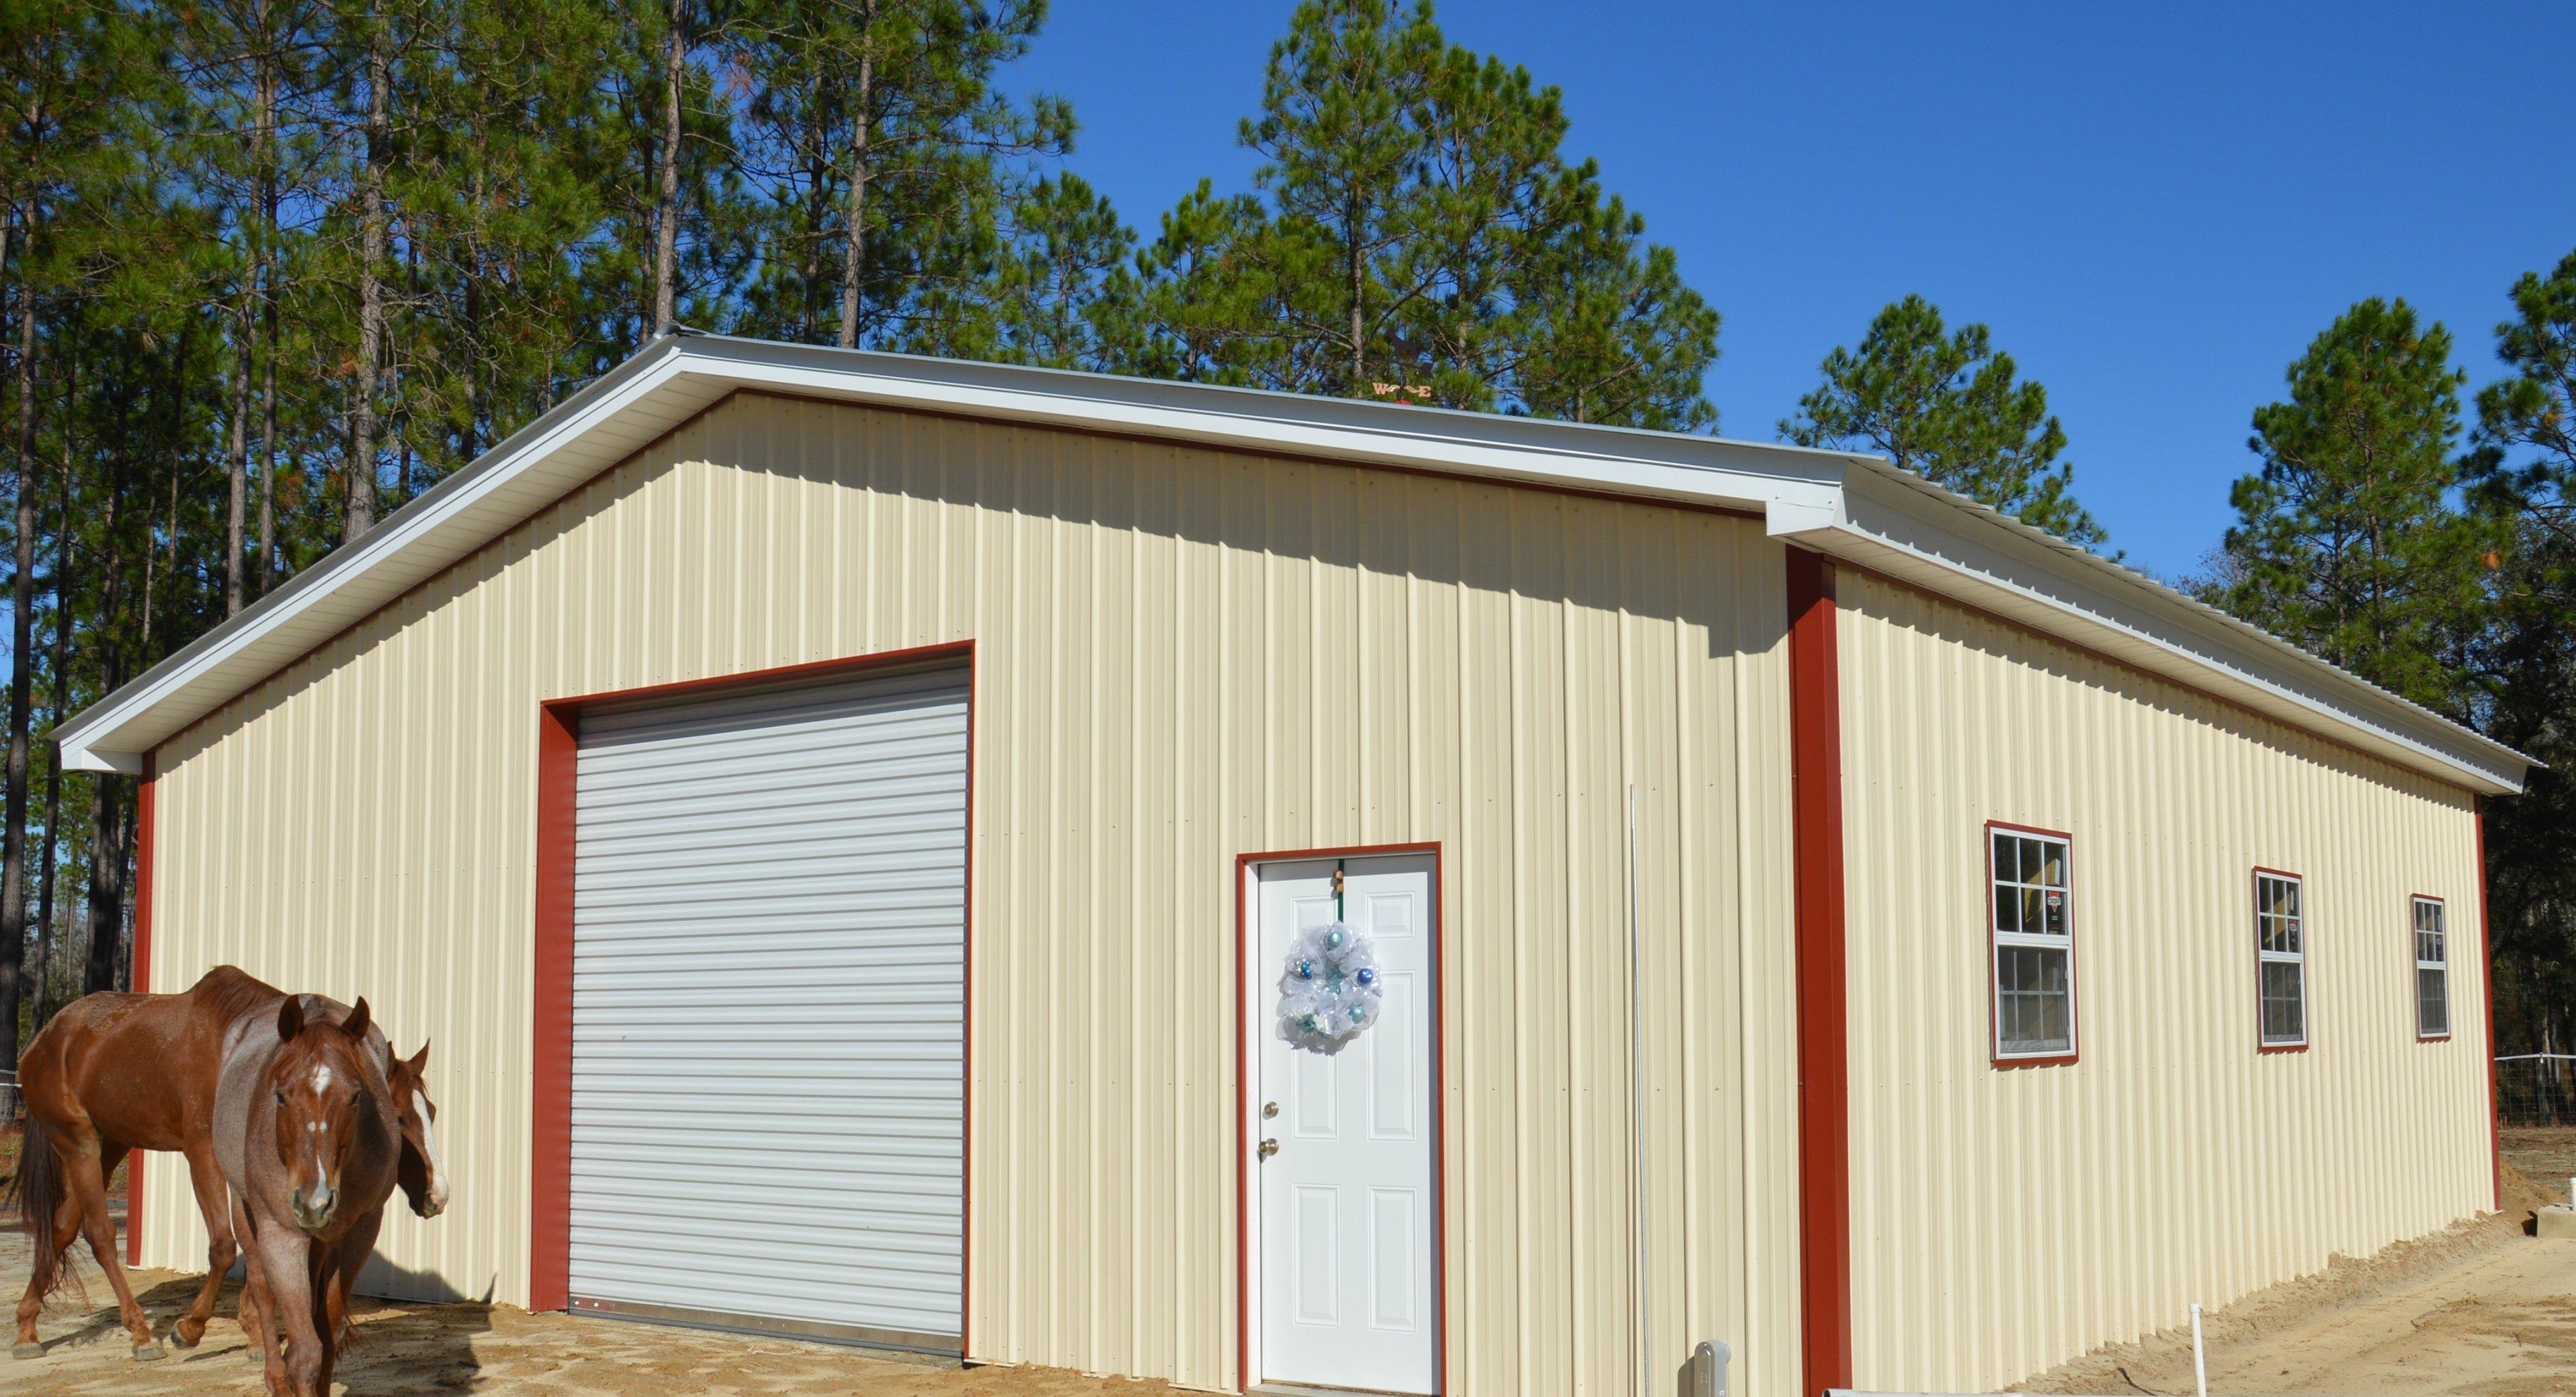 Florida Barns Pole Barns Pole 28 Images Woodys Barns